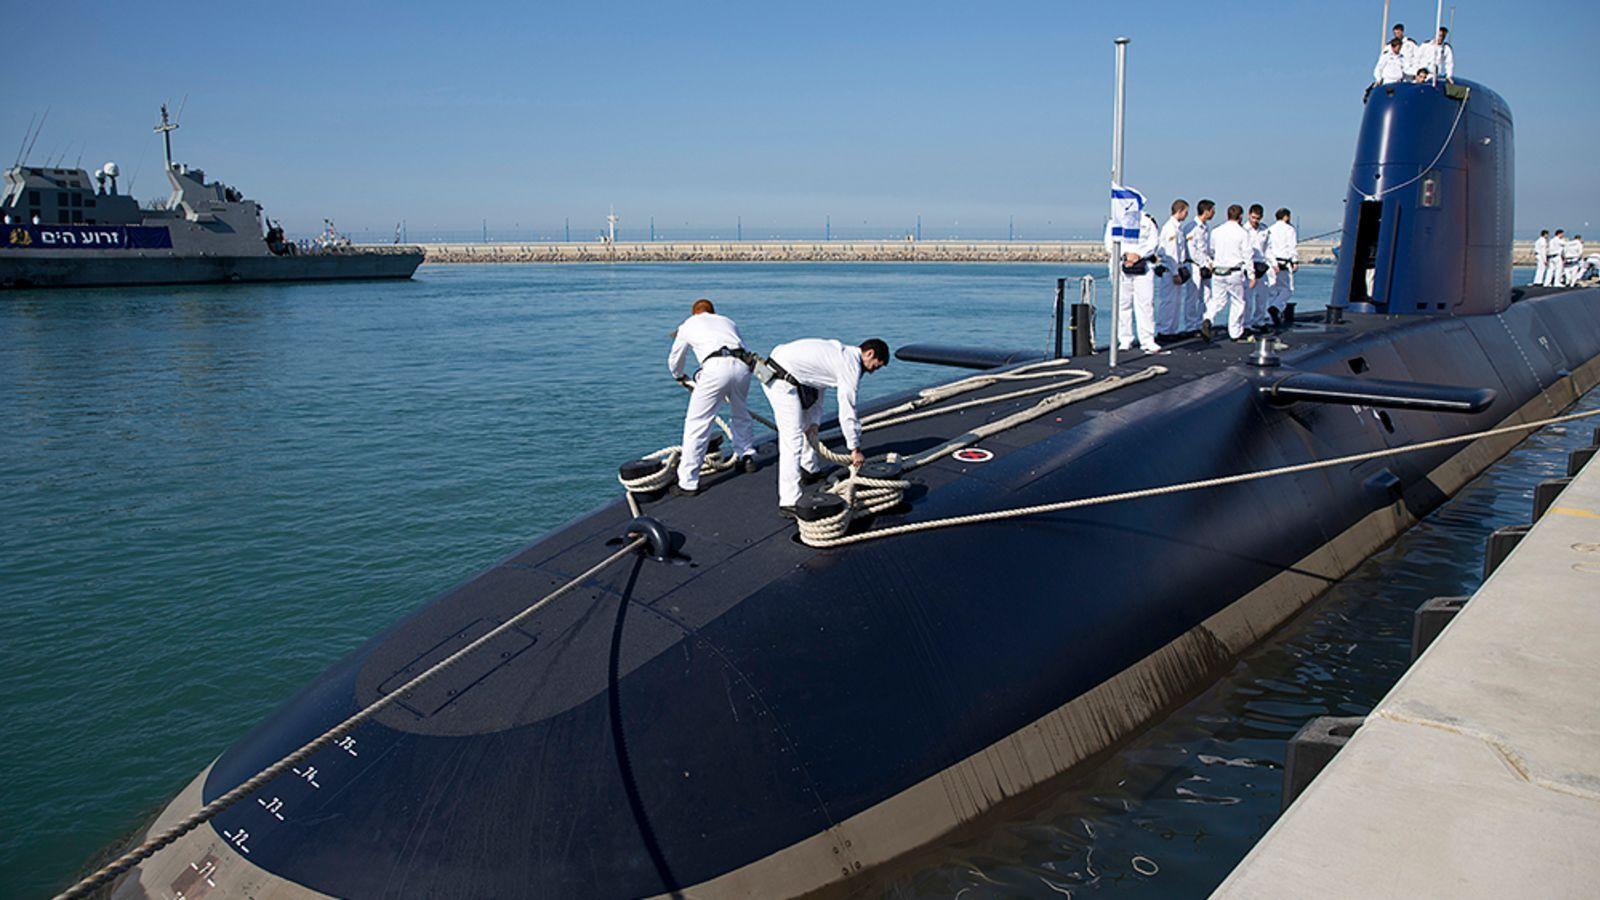 核报复一触即发 谁帮以色列建成二次核反击能力?